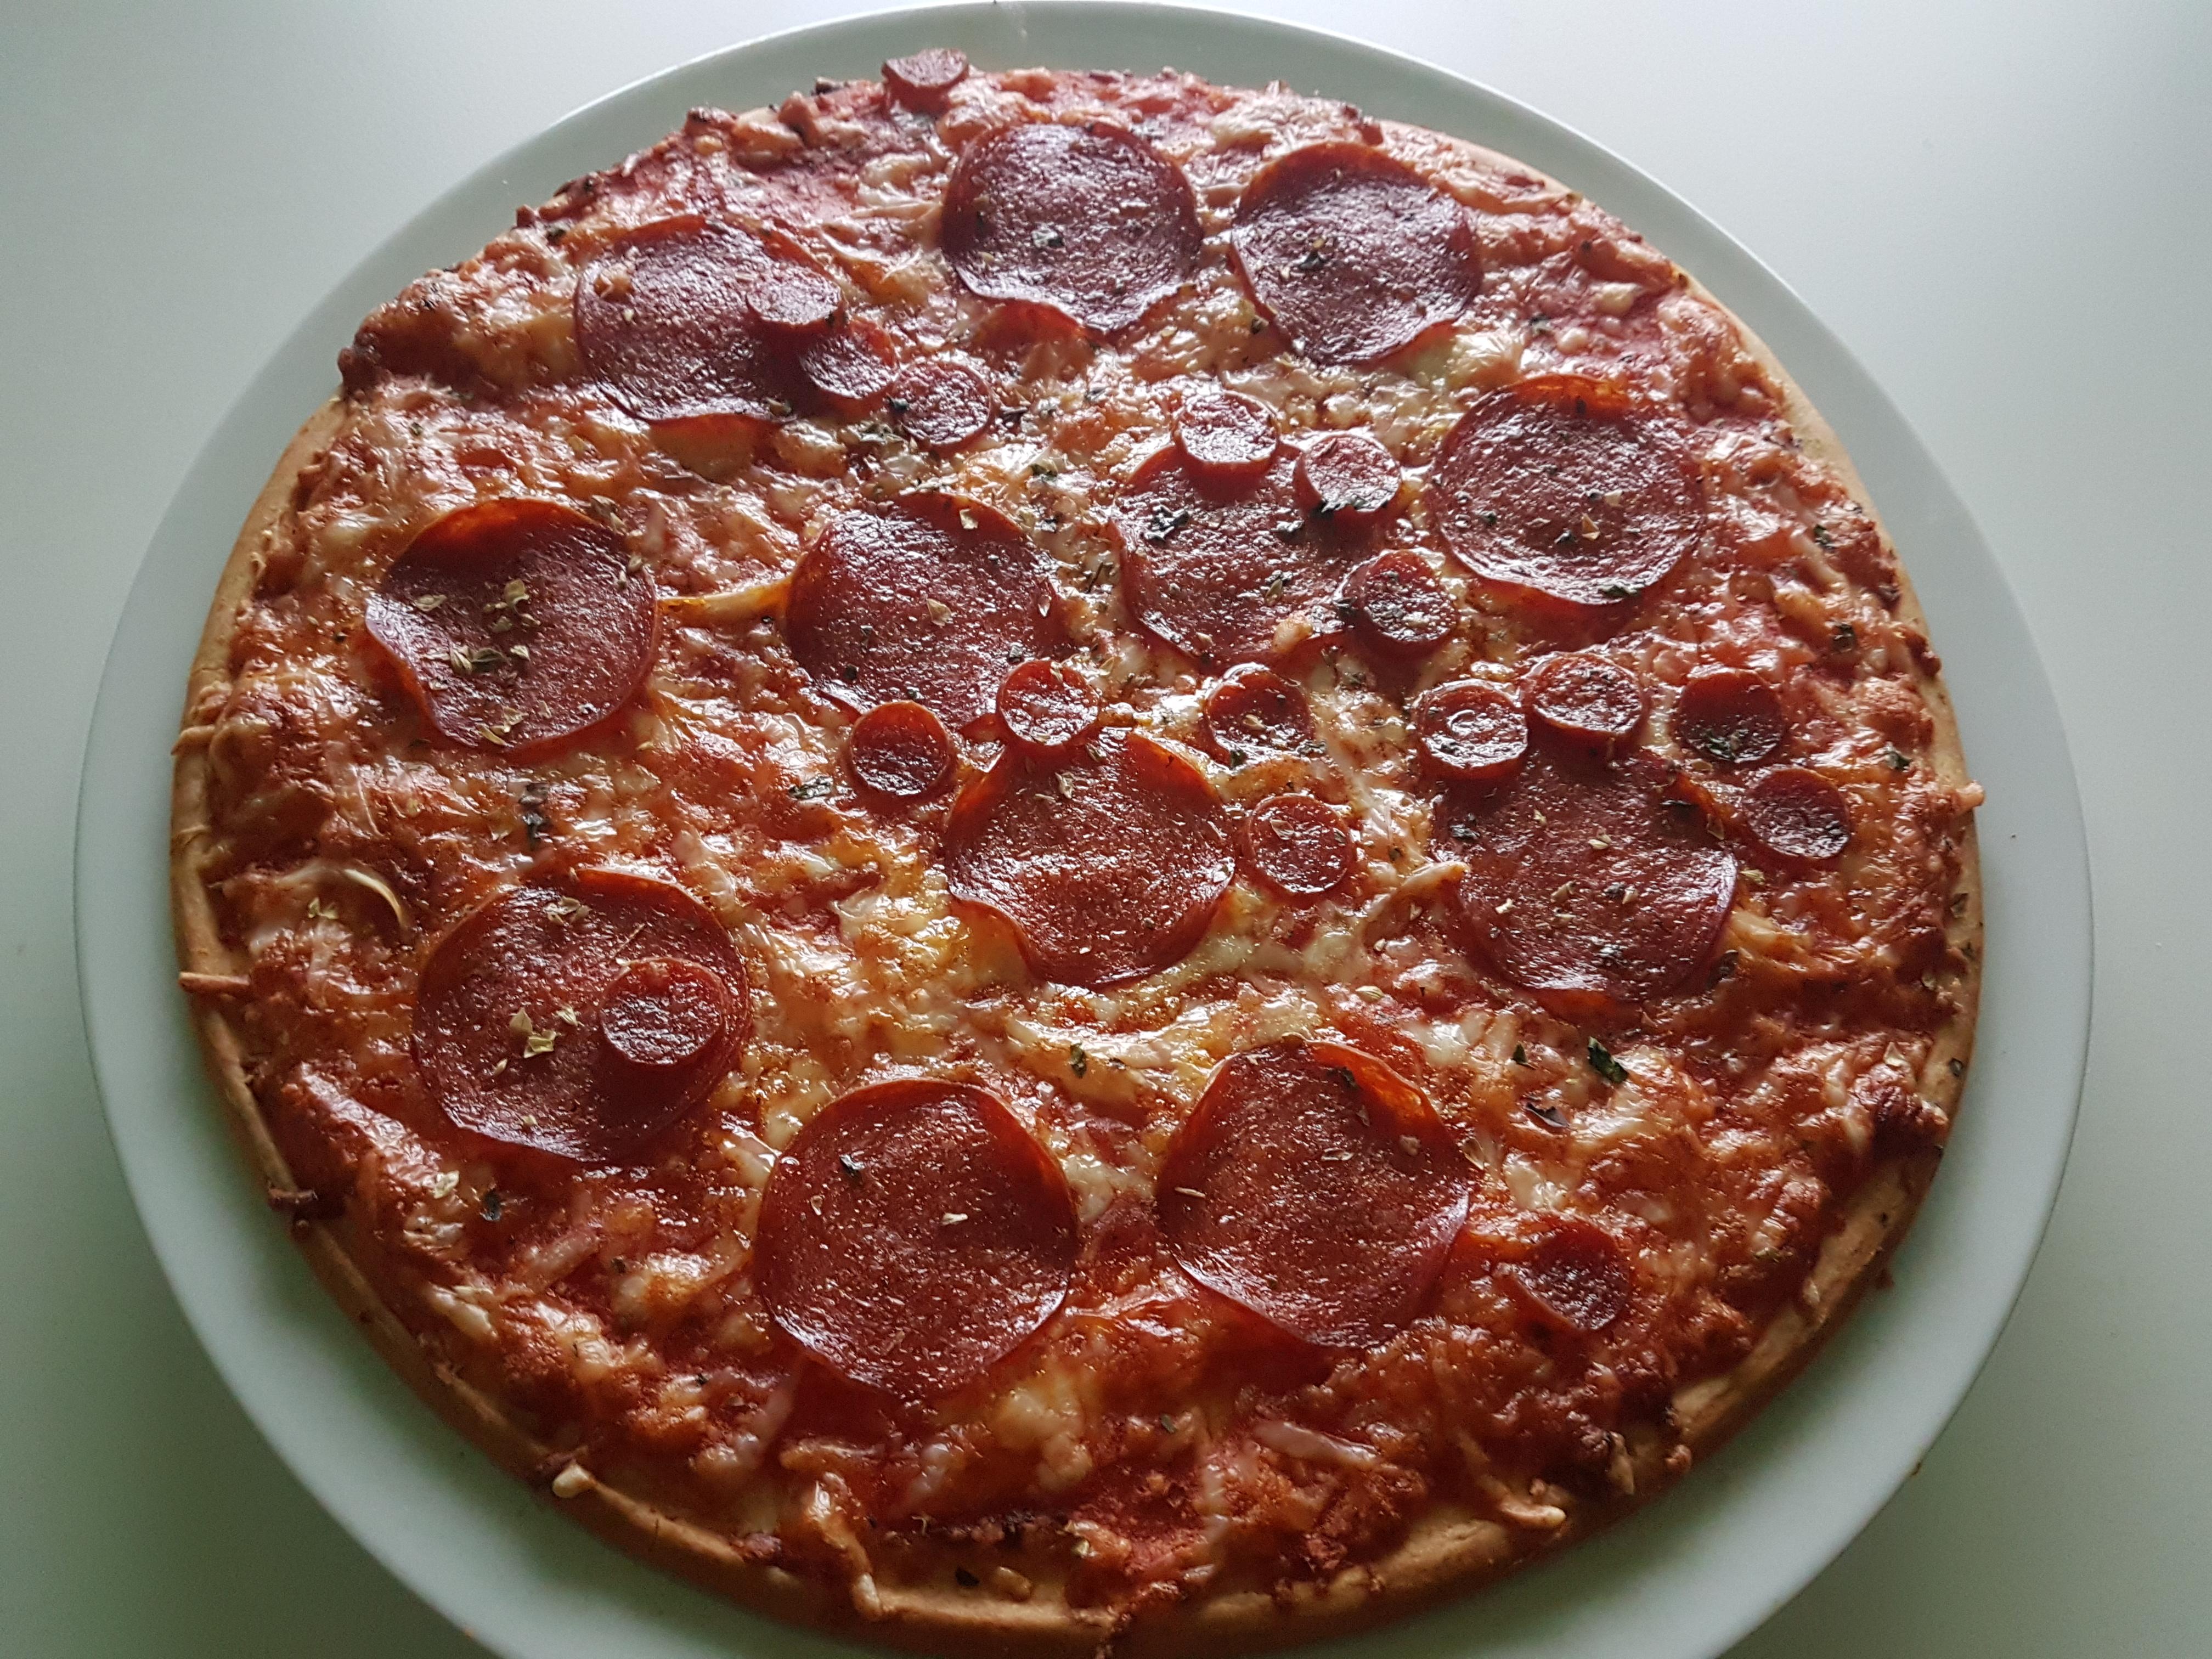 https://foodloader.net/Holz_2018-10-09_Pizza.jpg